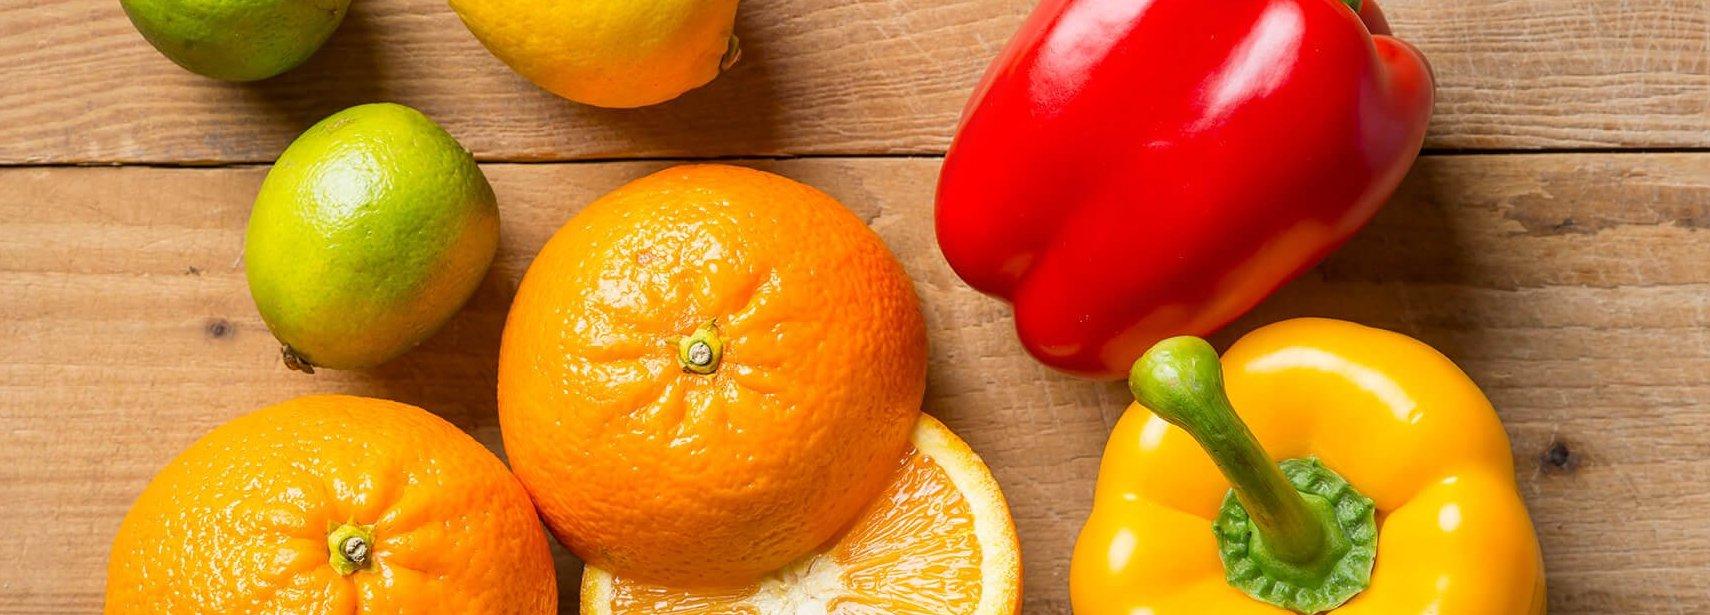 Paprika's, sinaasappels en limoen